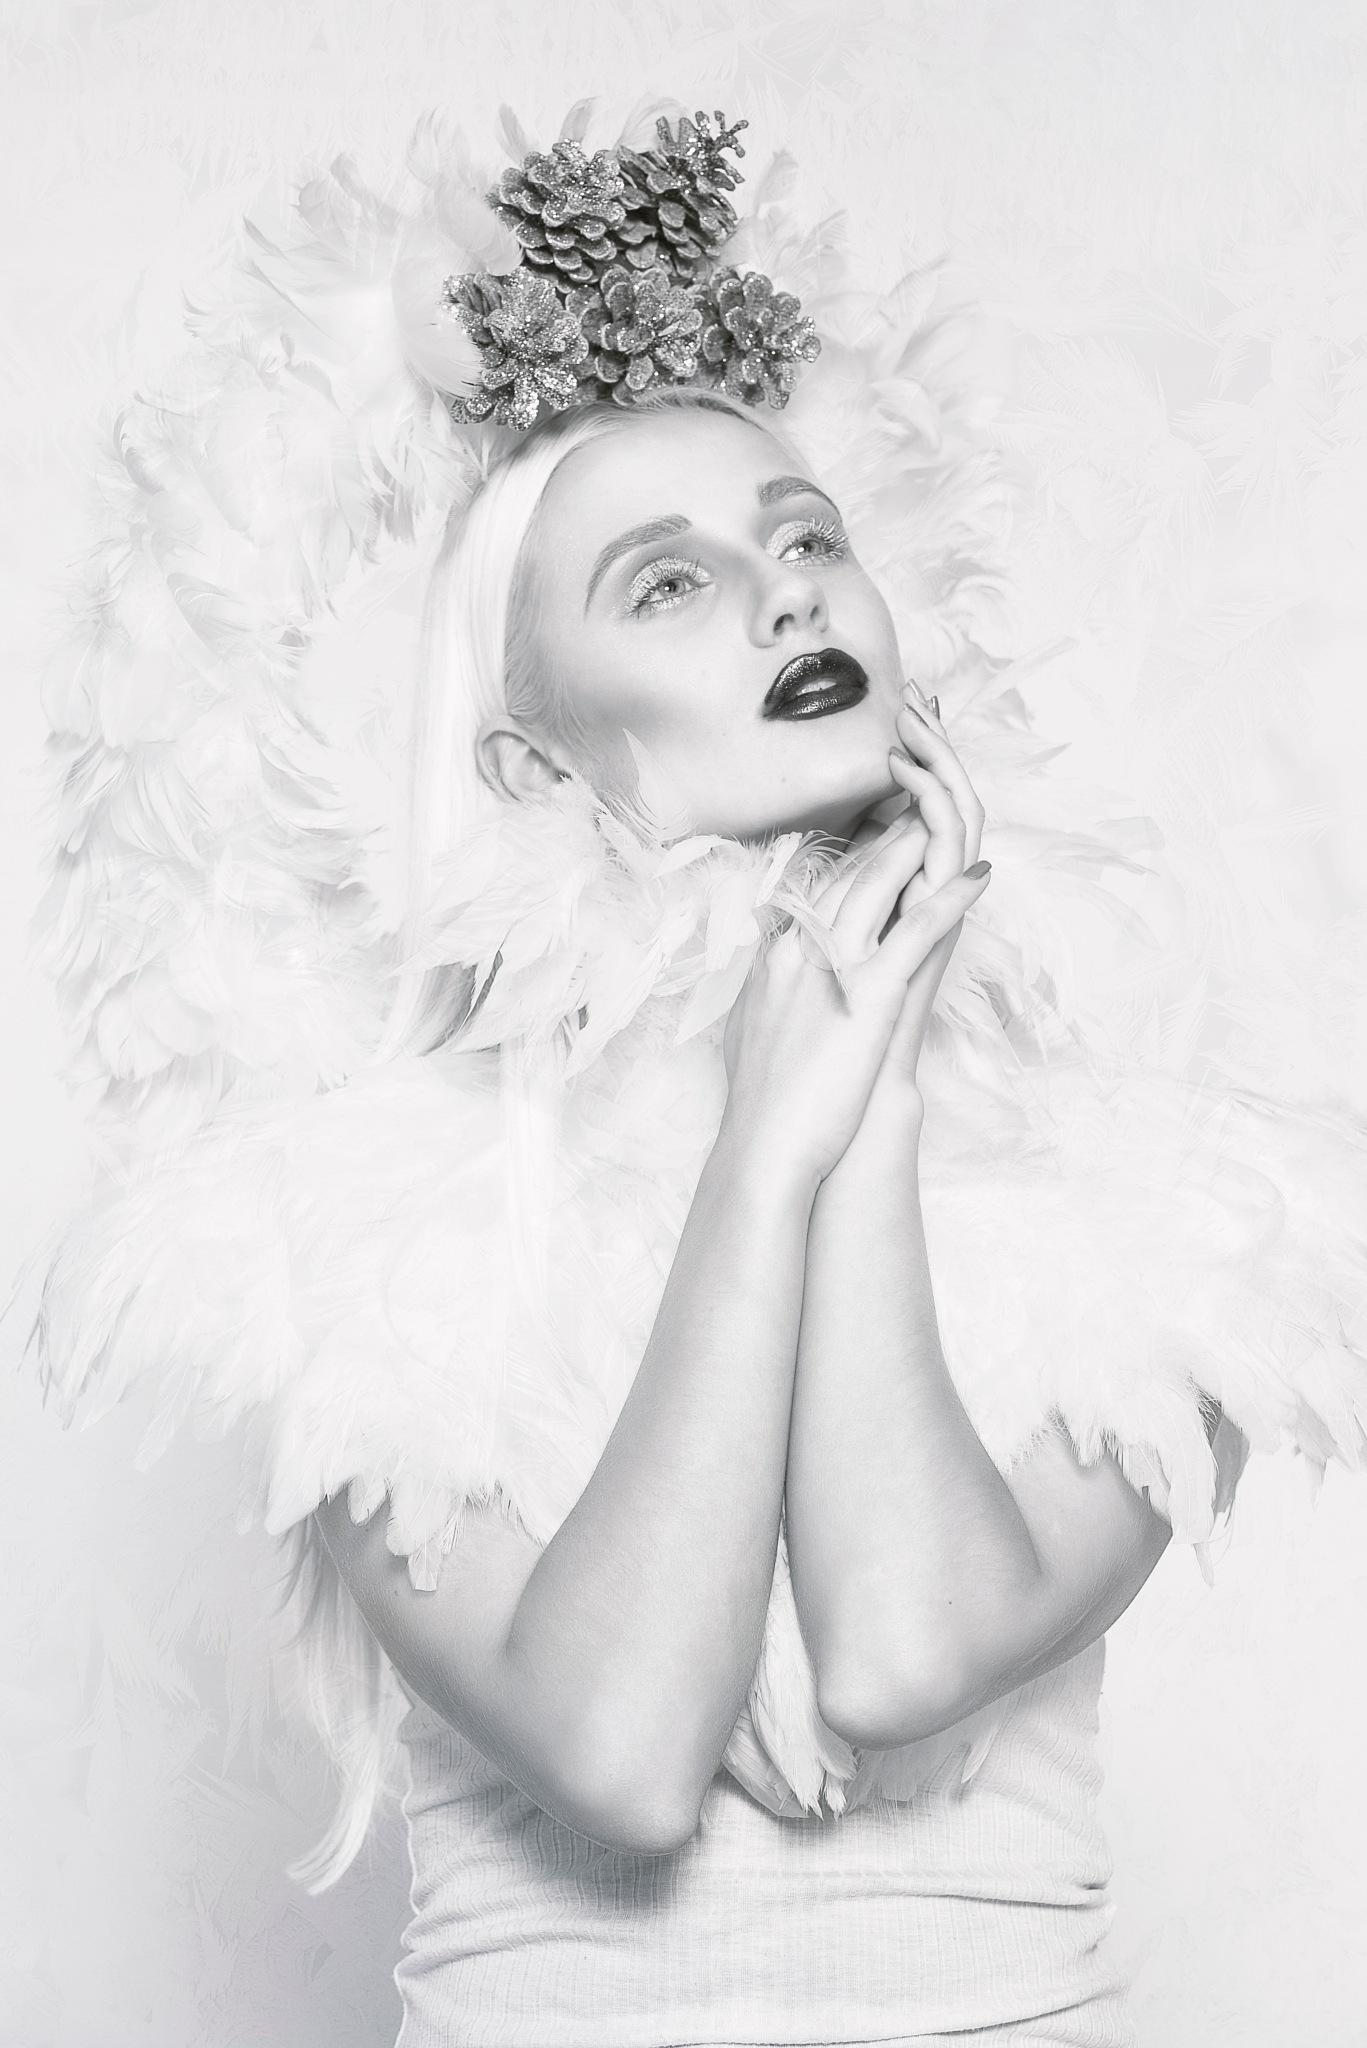 Snow Queen by Colin Solomon